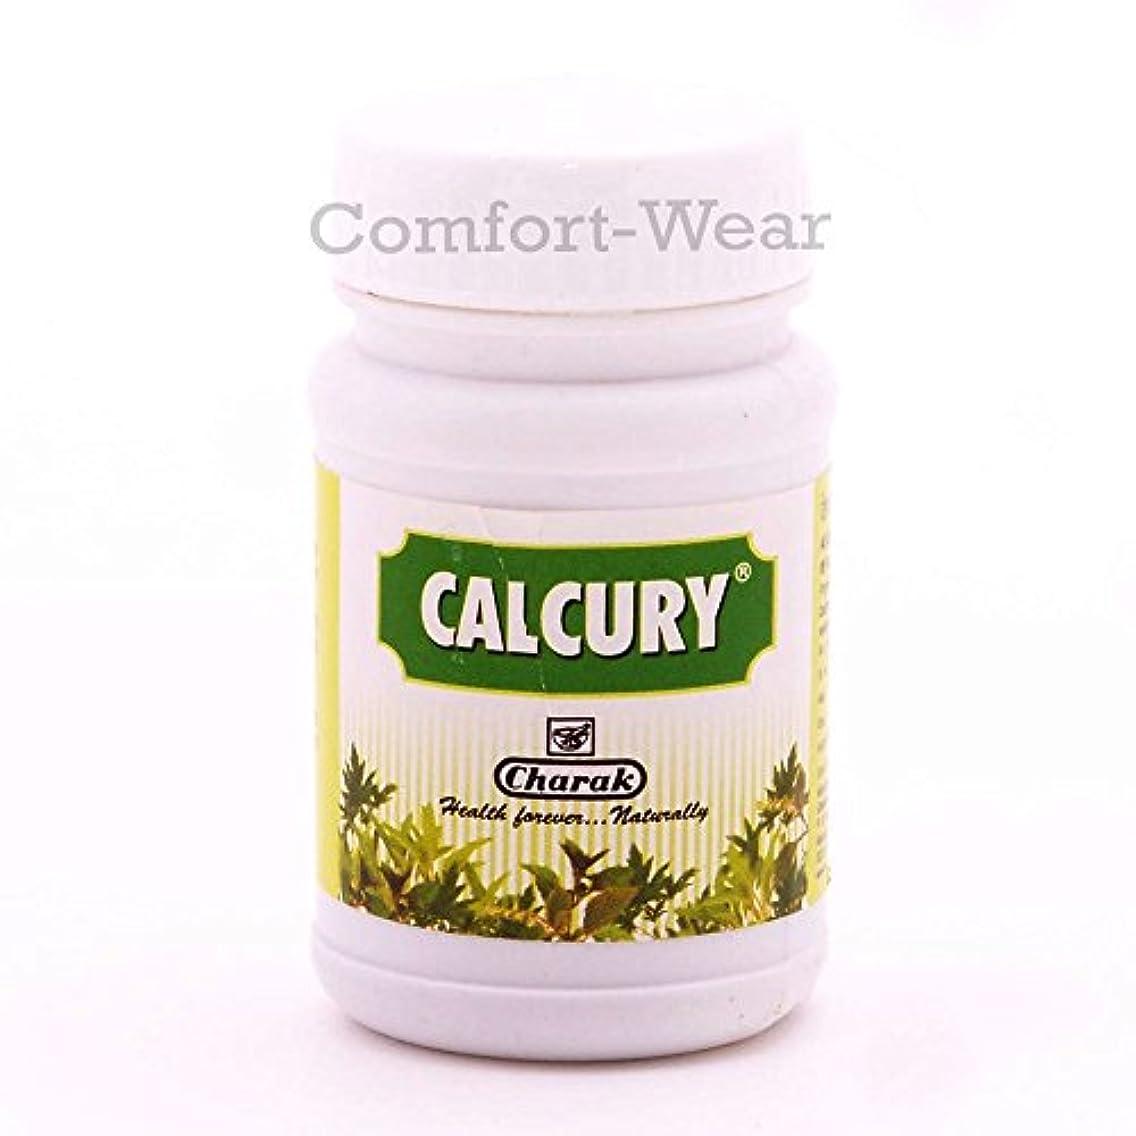 悲しいことに定刻ロバCharak Calcury For腎臓Stones Calculus Pureハーブ